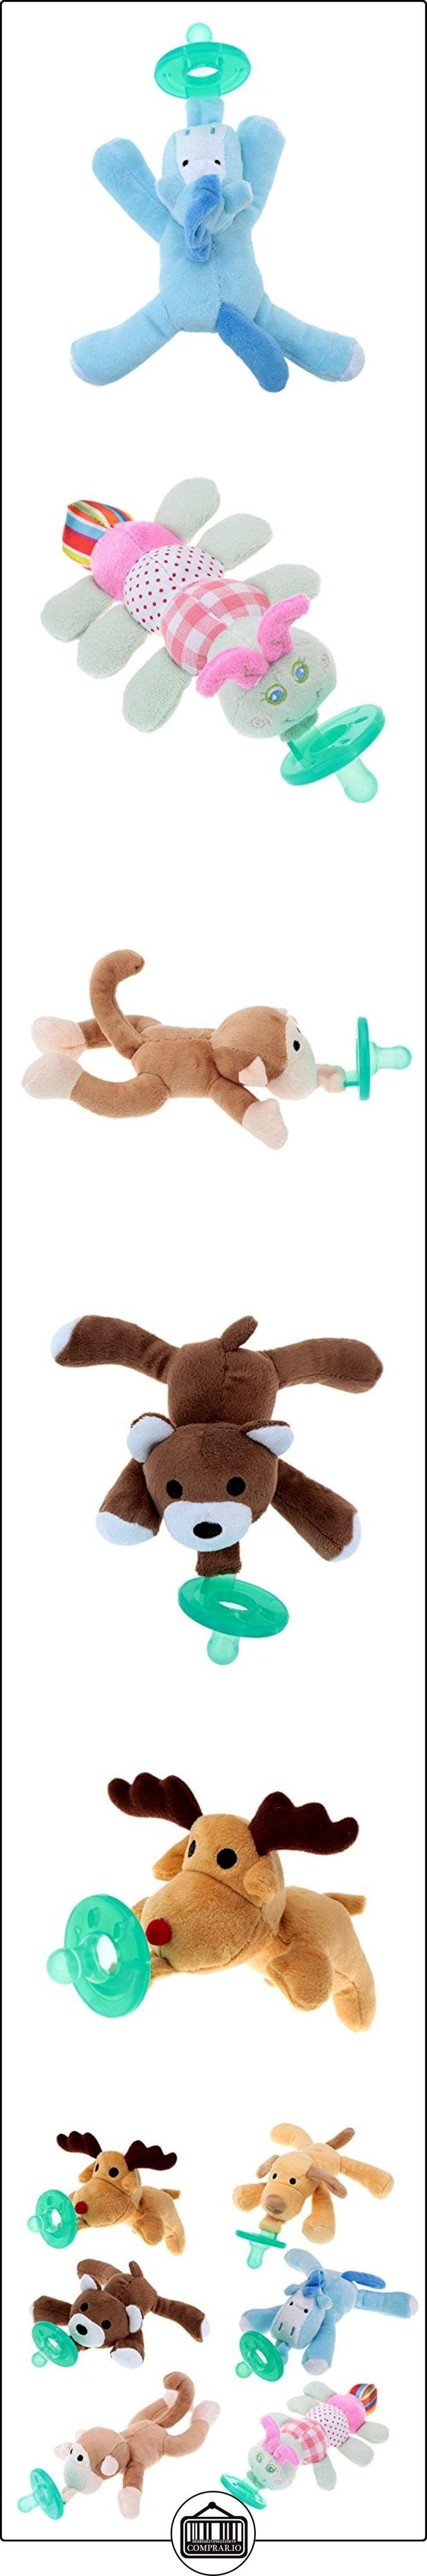 MaxCrest (TM) Lovely alta calidad Cartoon Cute bebé bebé chupetes de silicona con peluche non-toxictool seguro-Biberón de pezones  ✿ Regalos para recién nacidos - Bebes ✿ ▬► Ver oferta: http://comprar.io/goto/B019IJYXW4